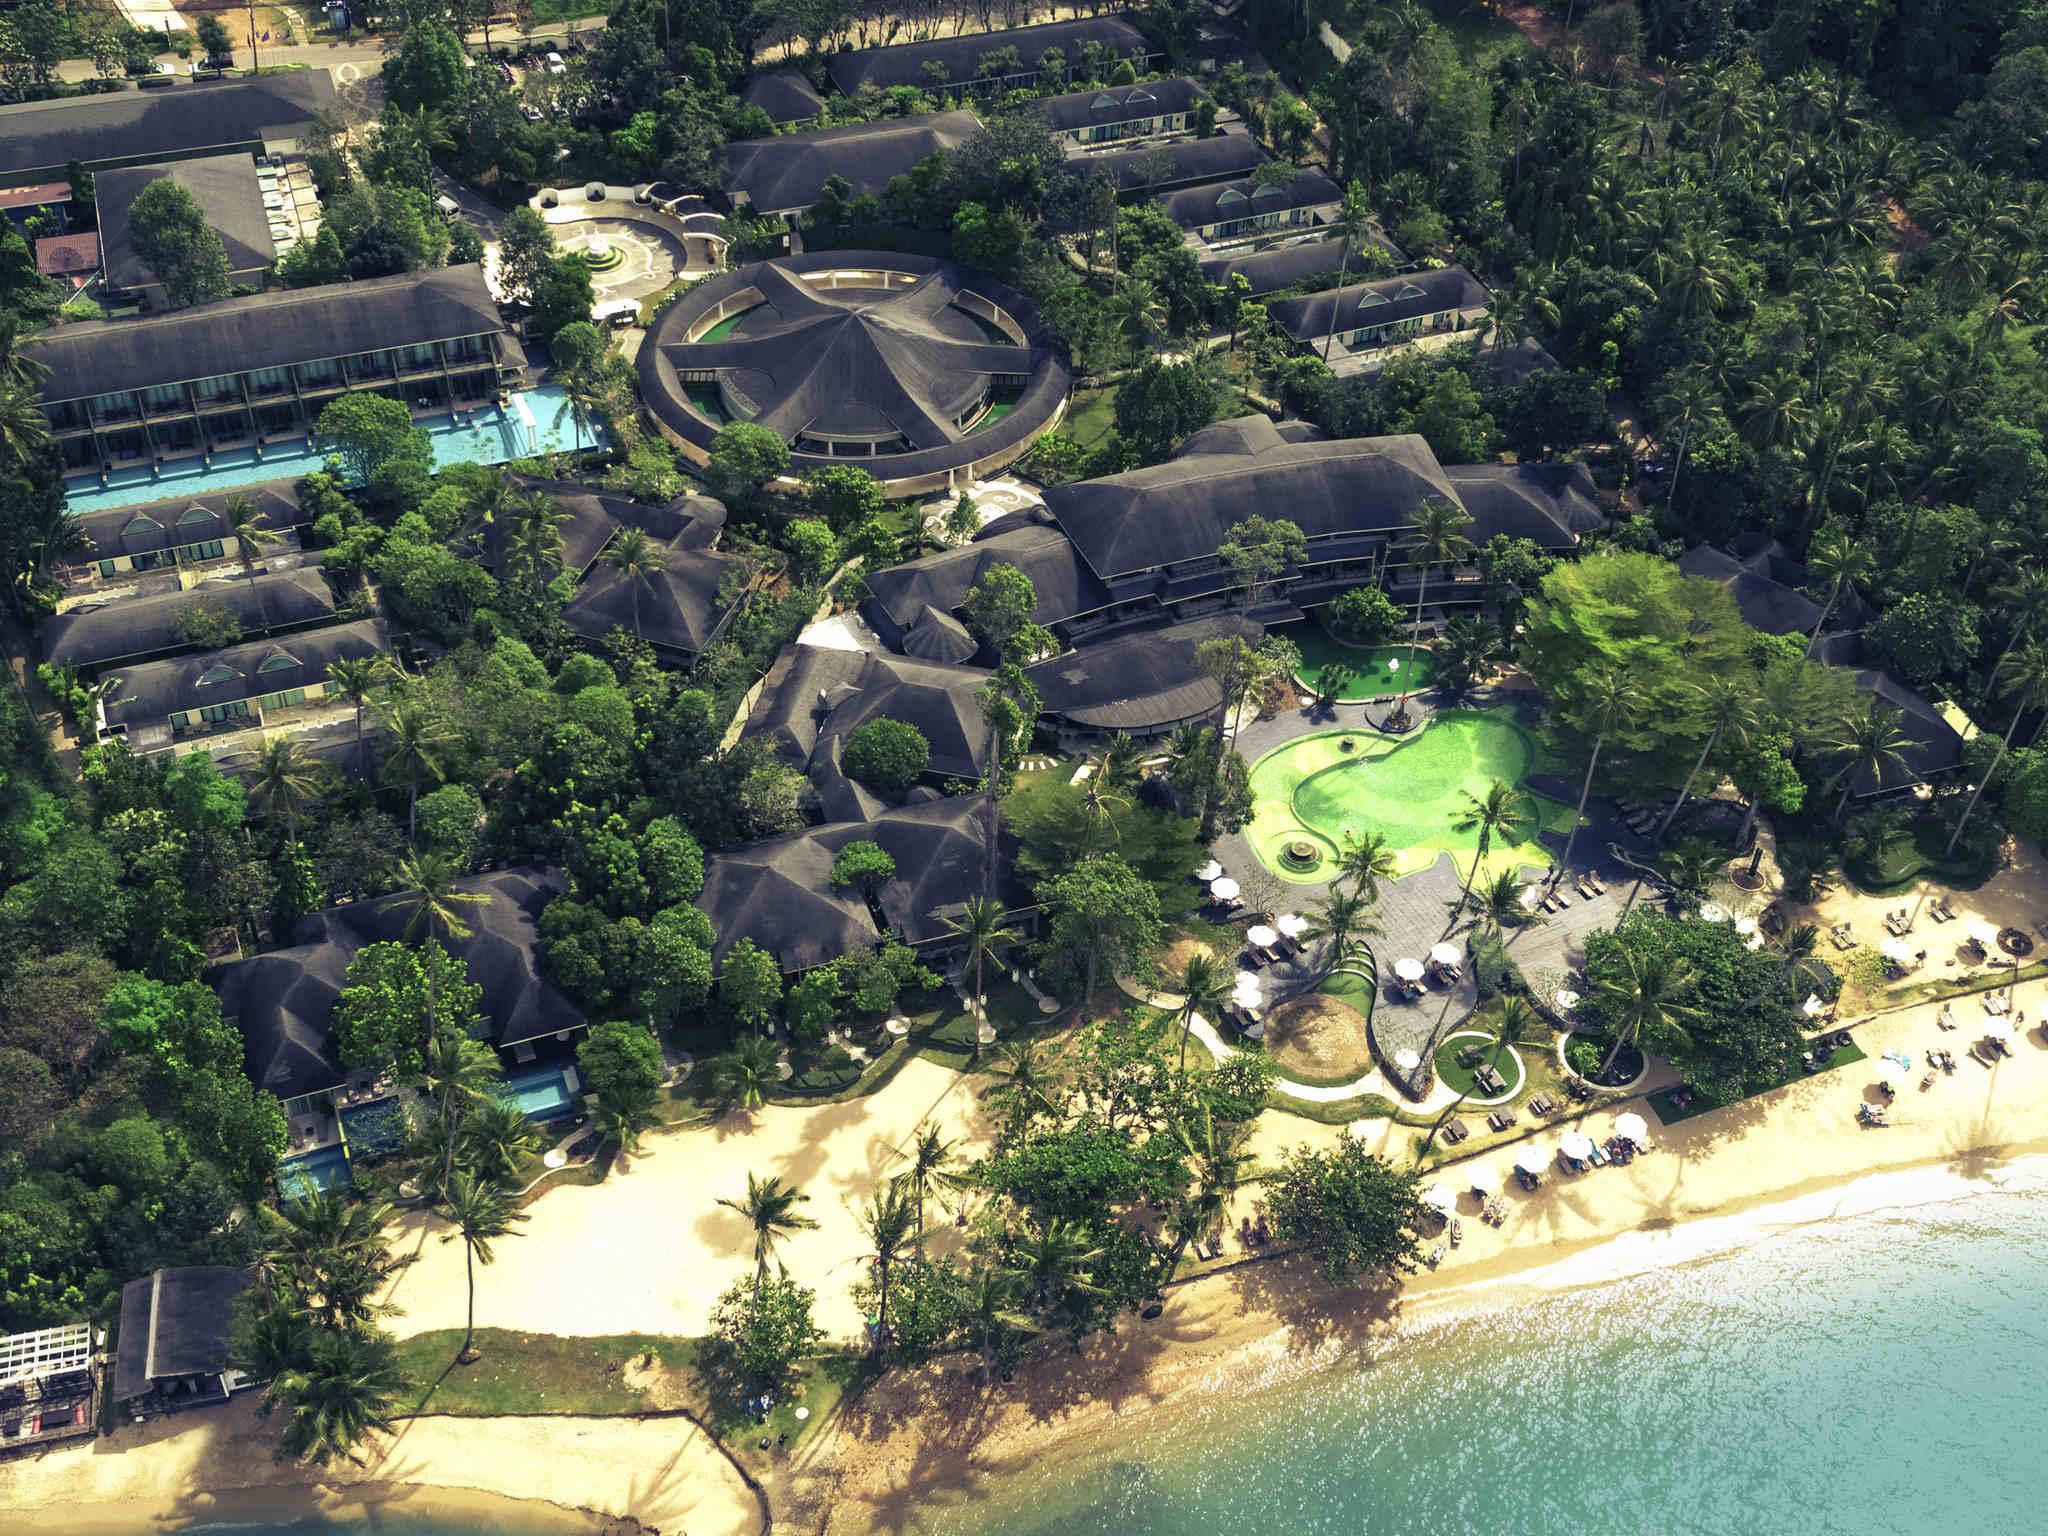 โรงแรม – เมอร์เคียว เกาะช้าง ไฮด์อเวย์